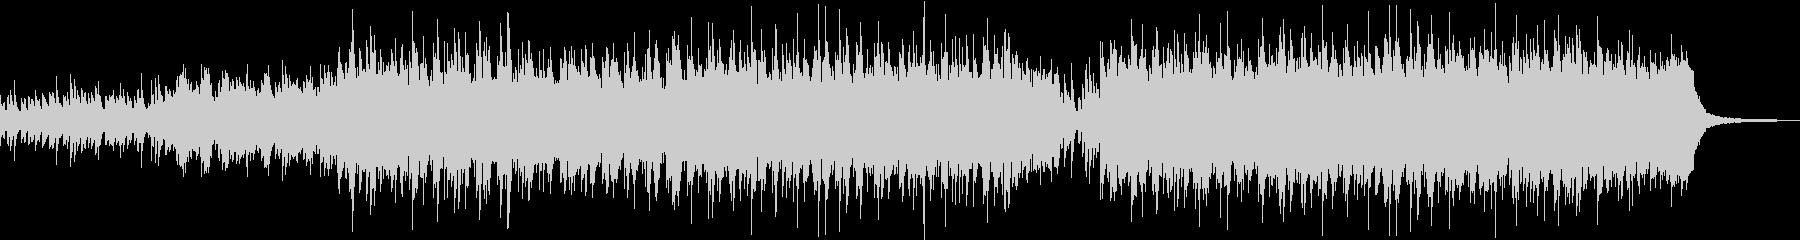 企業VPや映像にドラマチックピアノBGMの未再生の波形